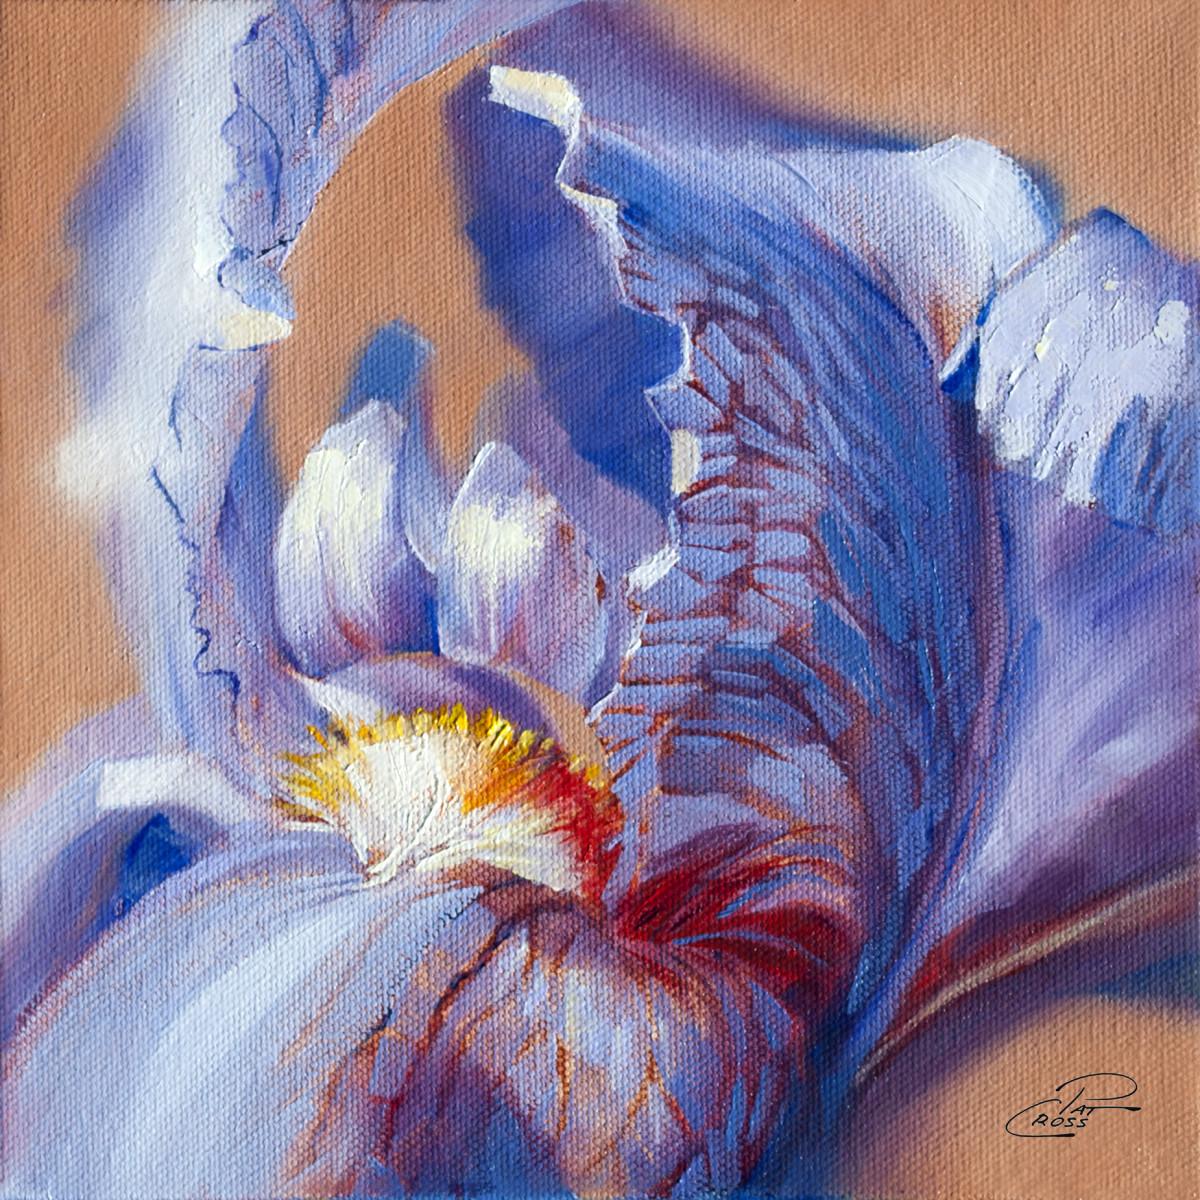 Regal Iris by Pat Cross